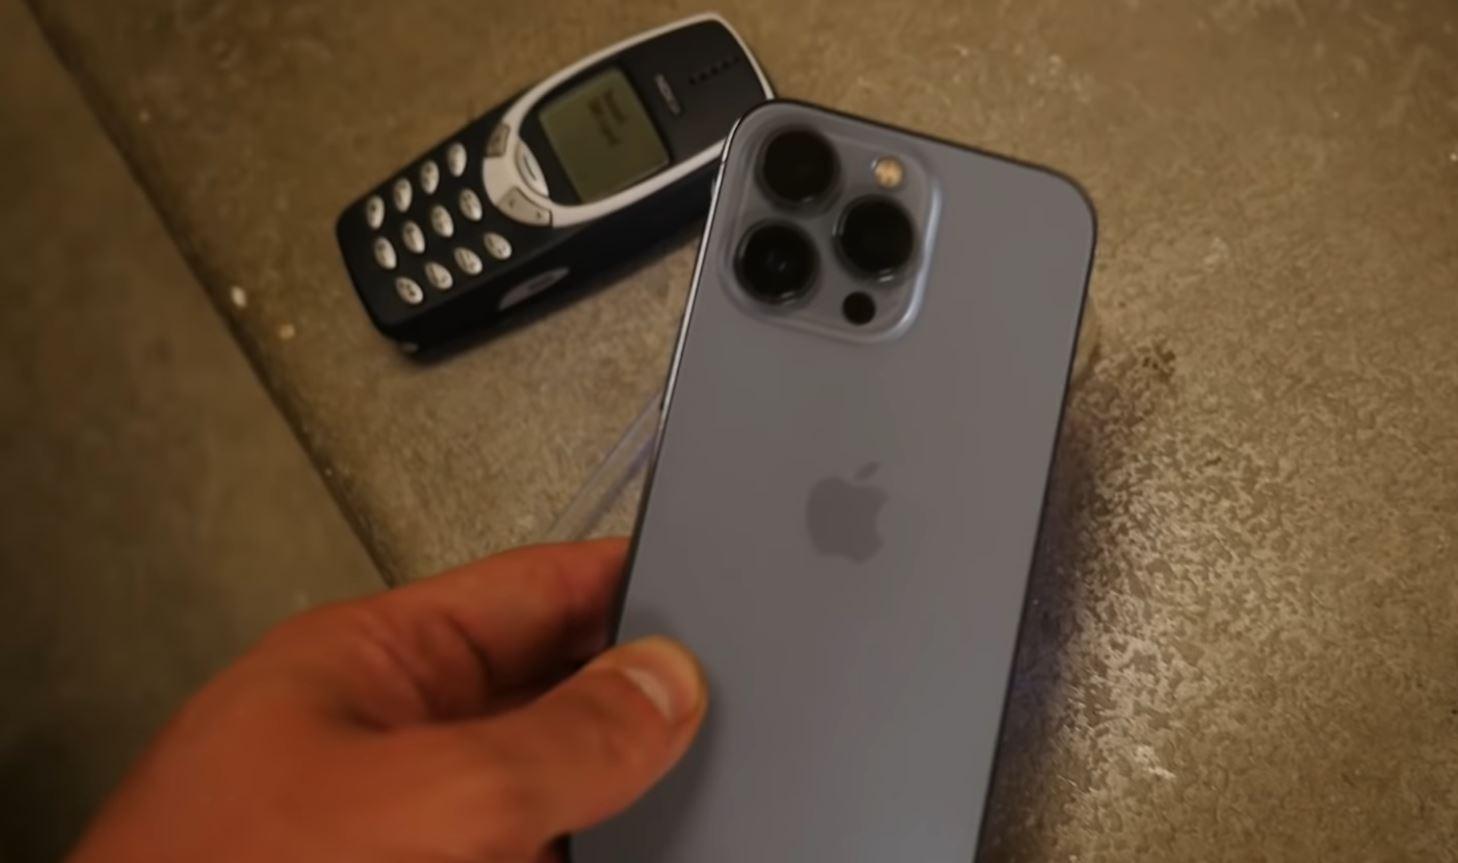 L'iPhone 13 Pro bat le test de chute du Nokia 3310